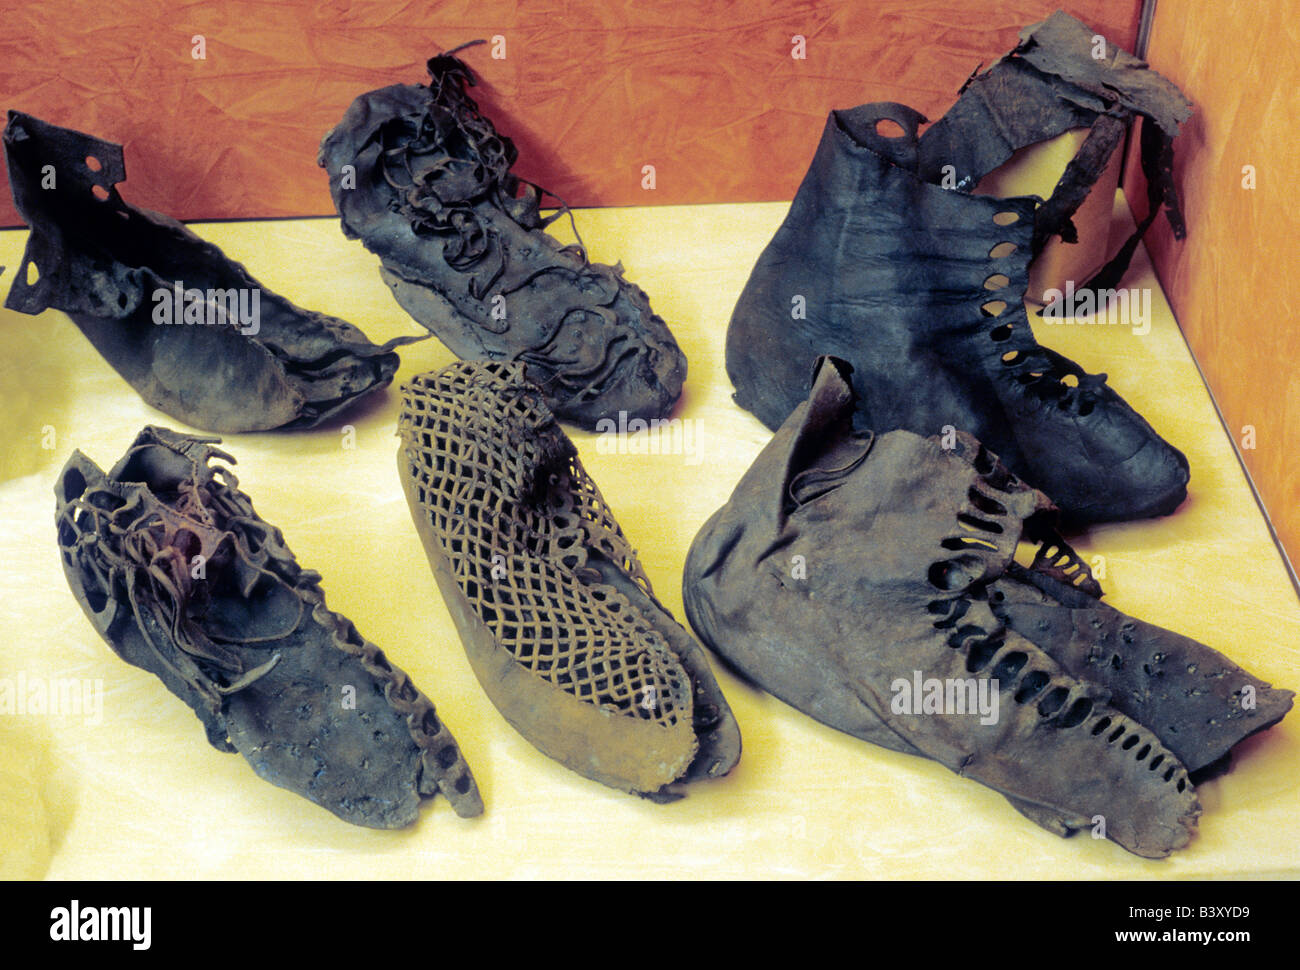 3c9a8f15ff354 Vindolanda museo romano di visualizzazione di calzature in pelle scarpe  archeologia reperti archeologici reperti Northumberland parete di Adriano